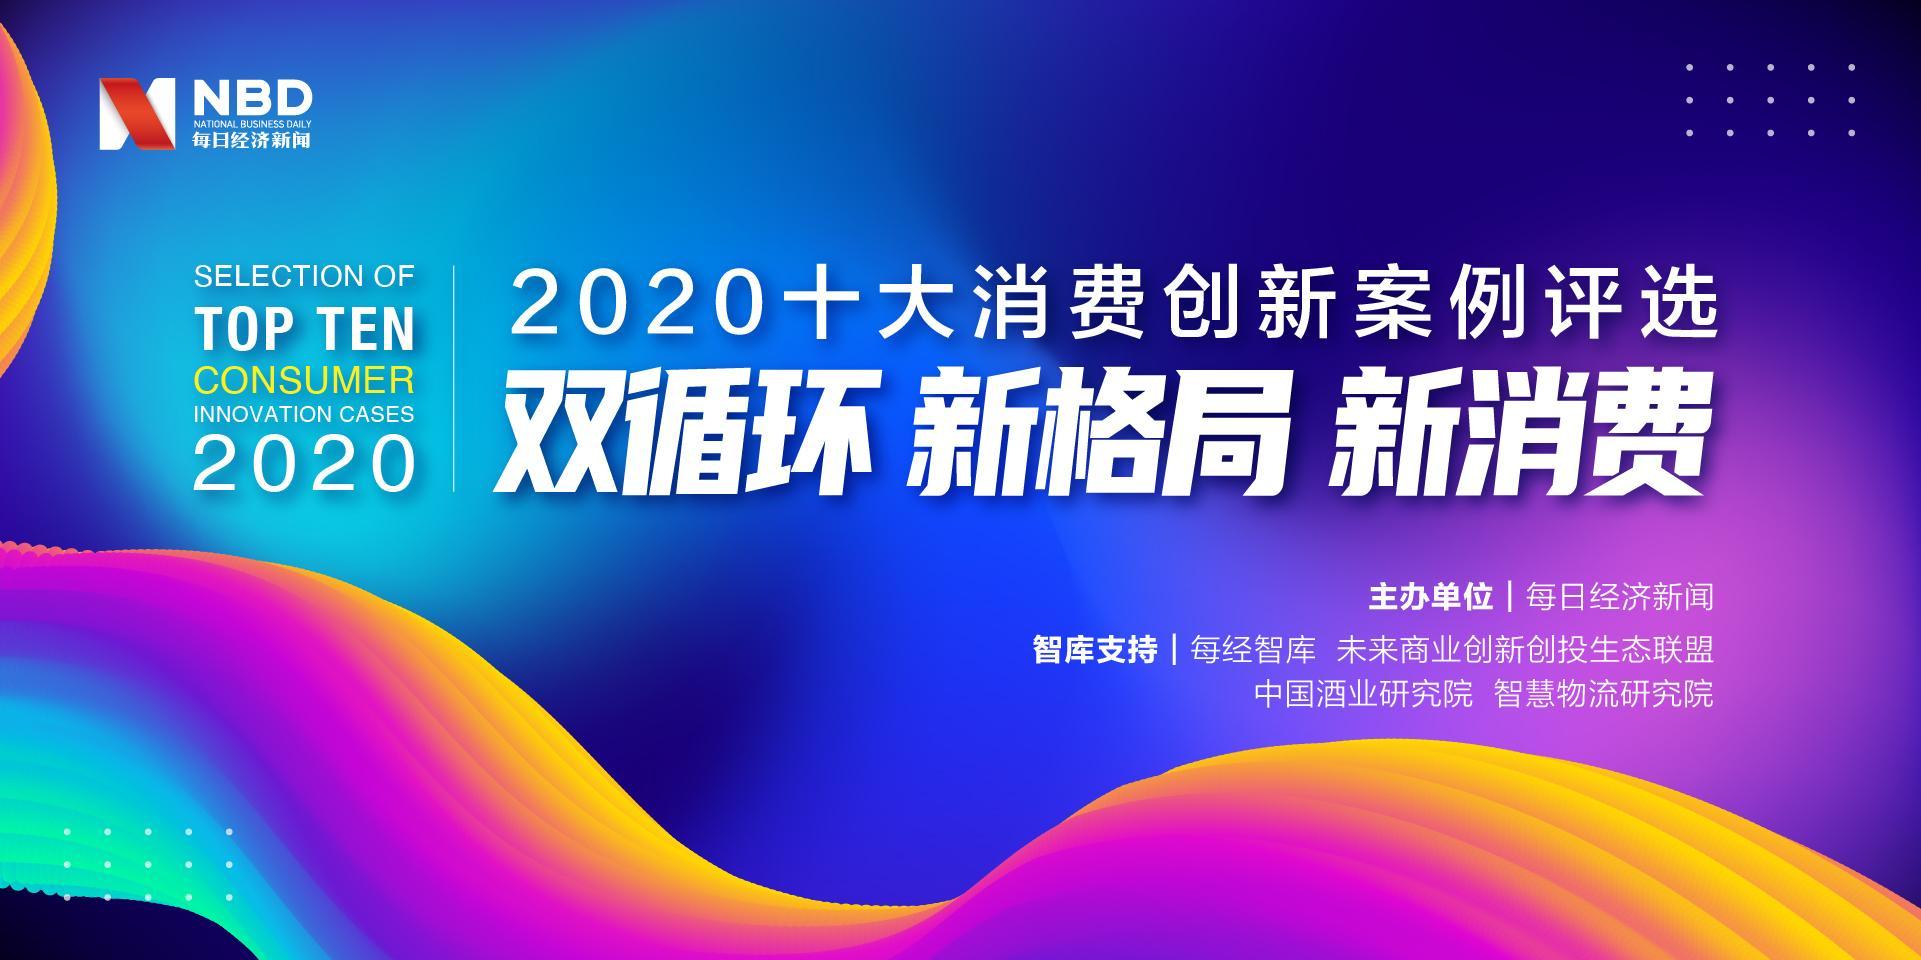 """寻找双循环新格局下的创新力量""""2020十大消费创新案例评选""""正式启动"""